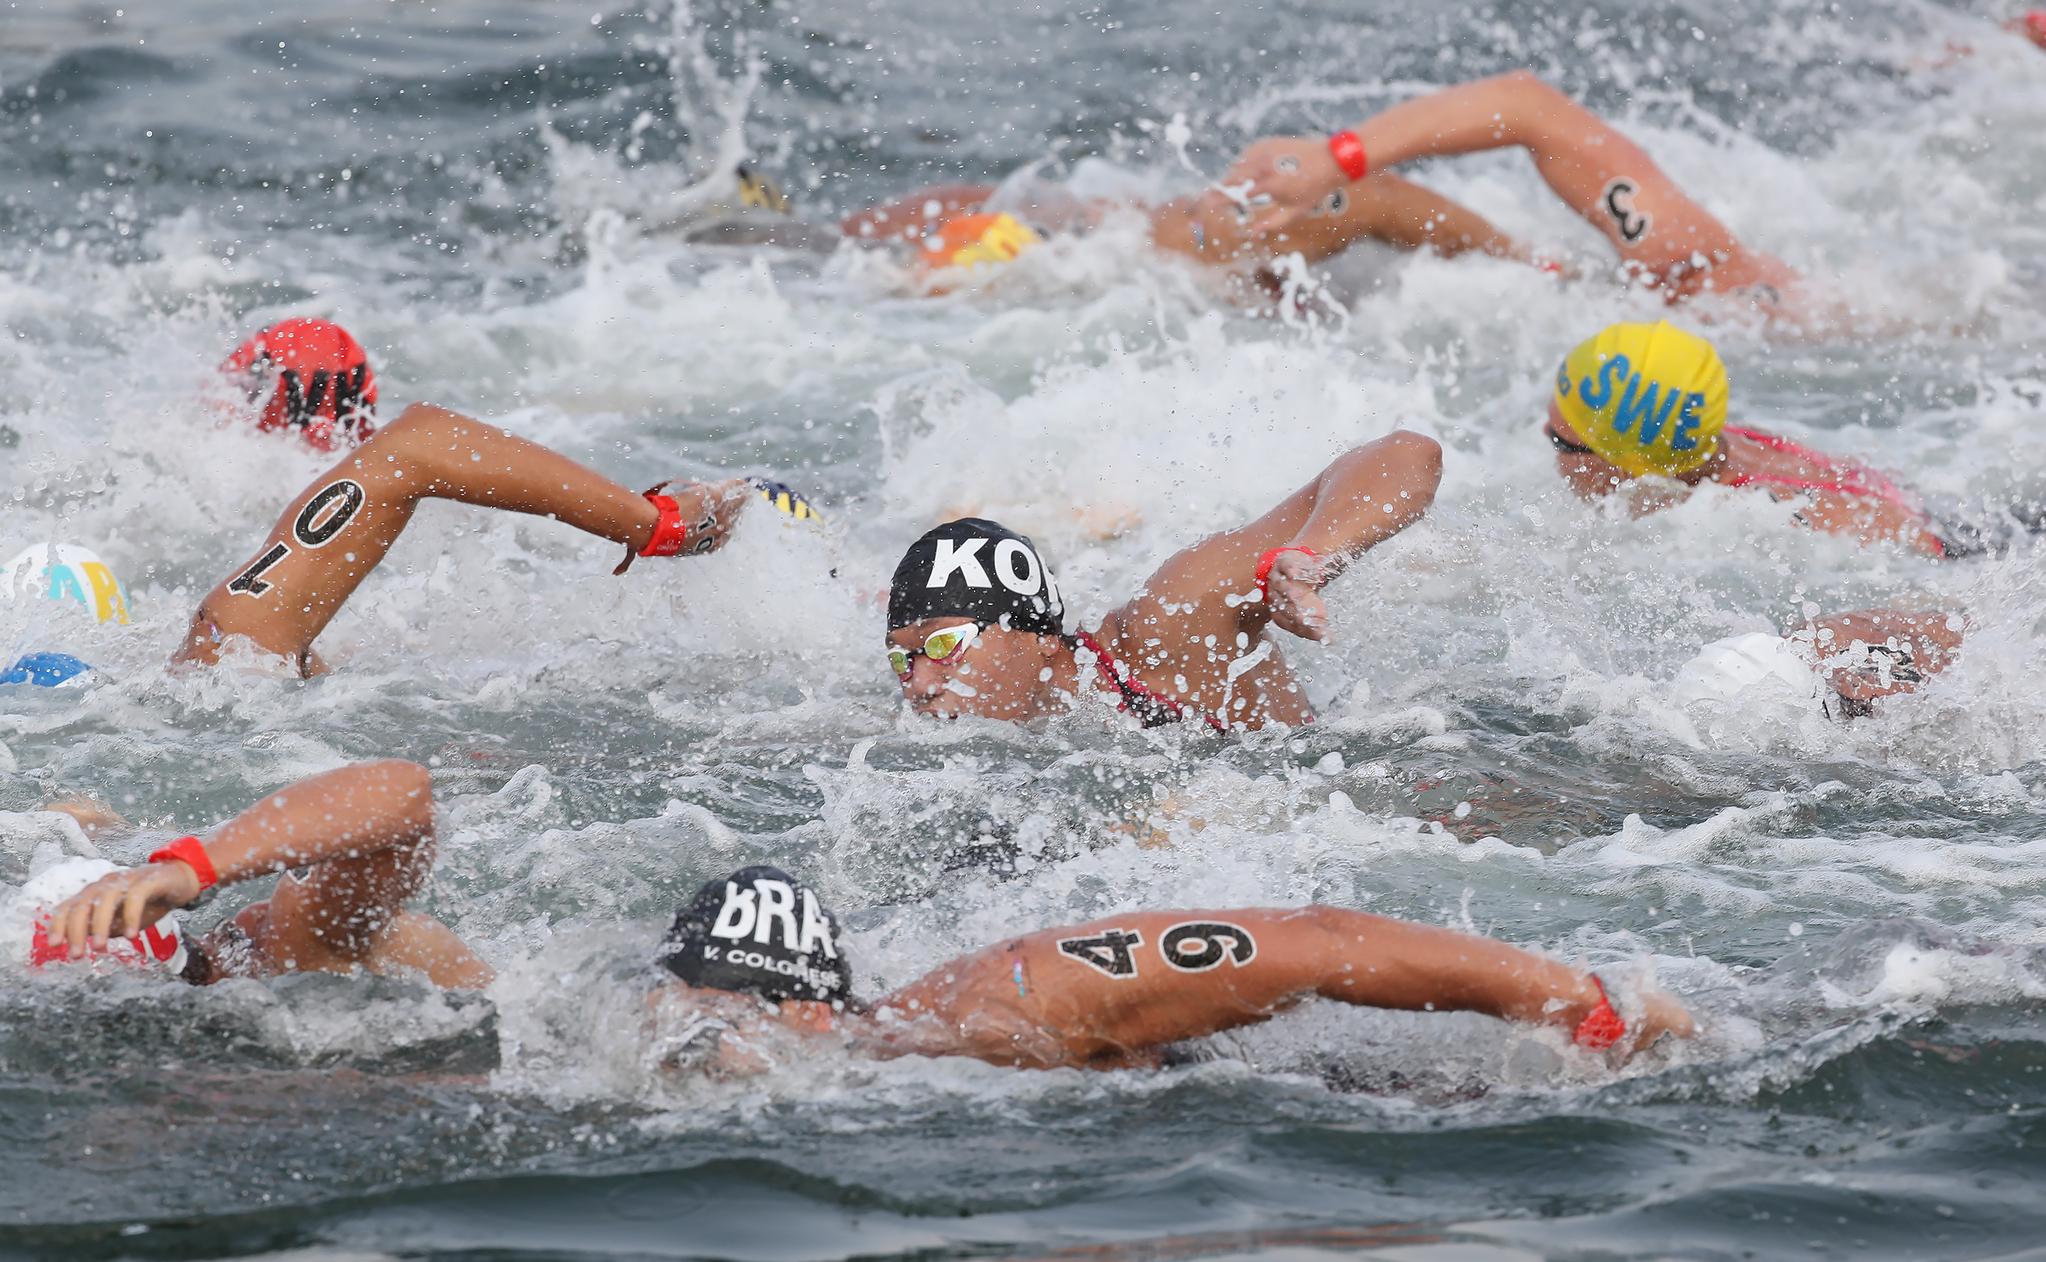 16일 오전 여수 엑스포 해양공원 오픈워터 수영 경기장에서 열린 2019 광주세계수영선수권대회 오픈워터수영 남자 10km 경기에서 박석현을 비롯한 선수들이 물살을 가르고 있다. [연합뉴스]